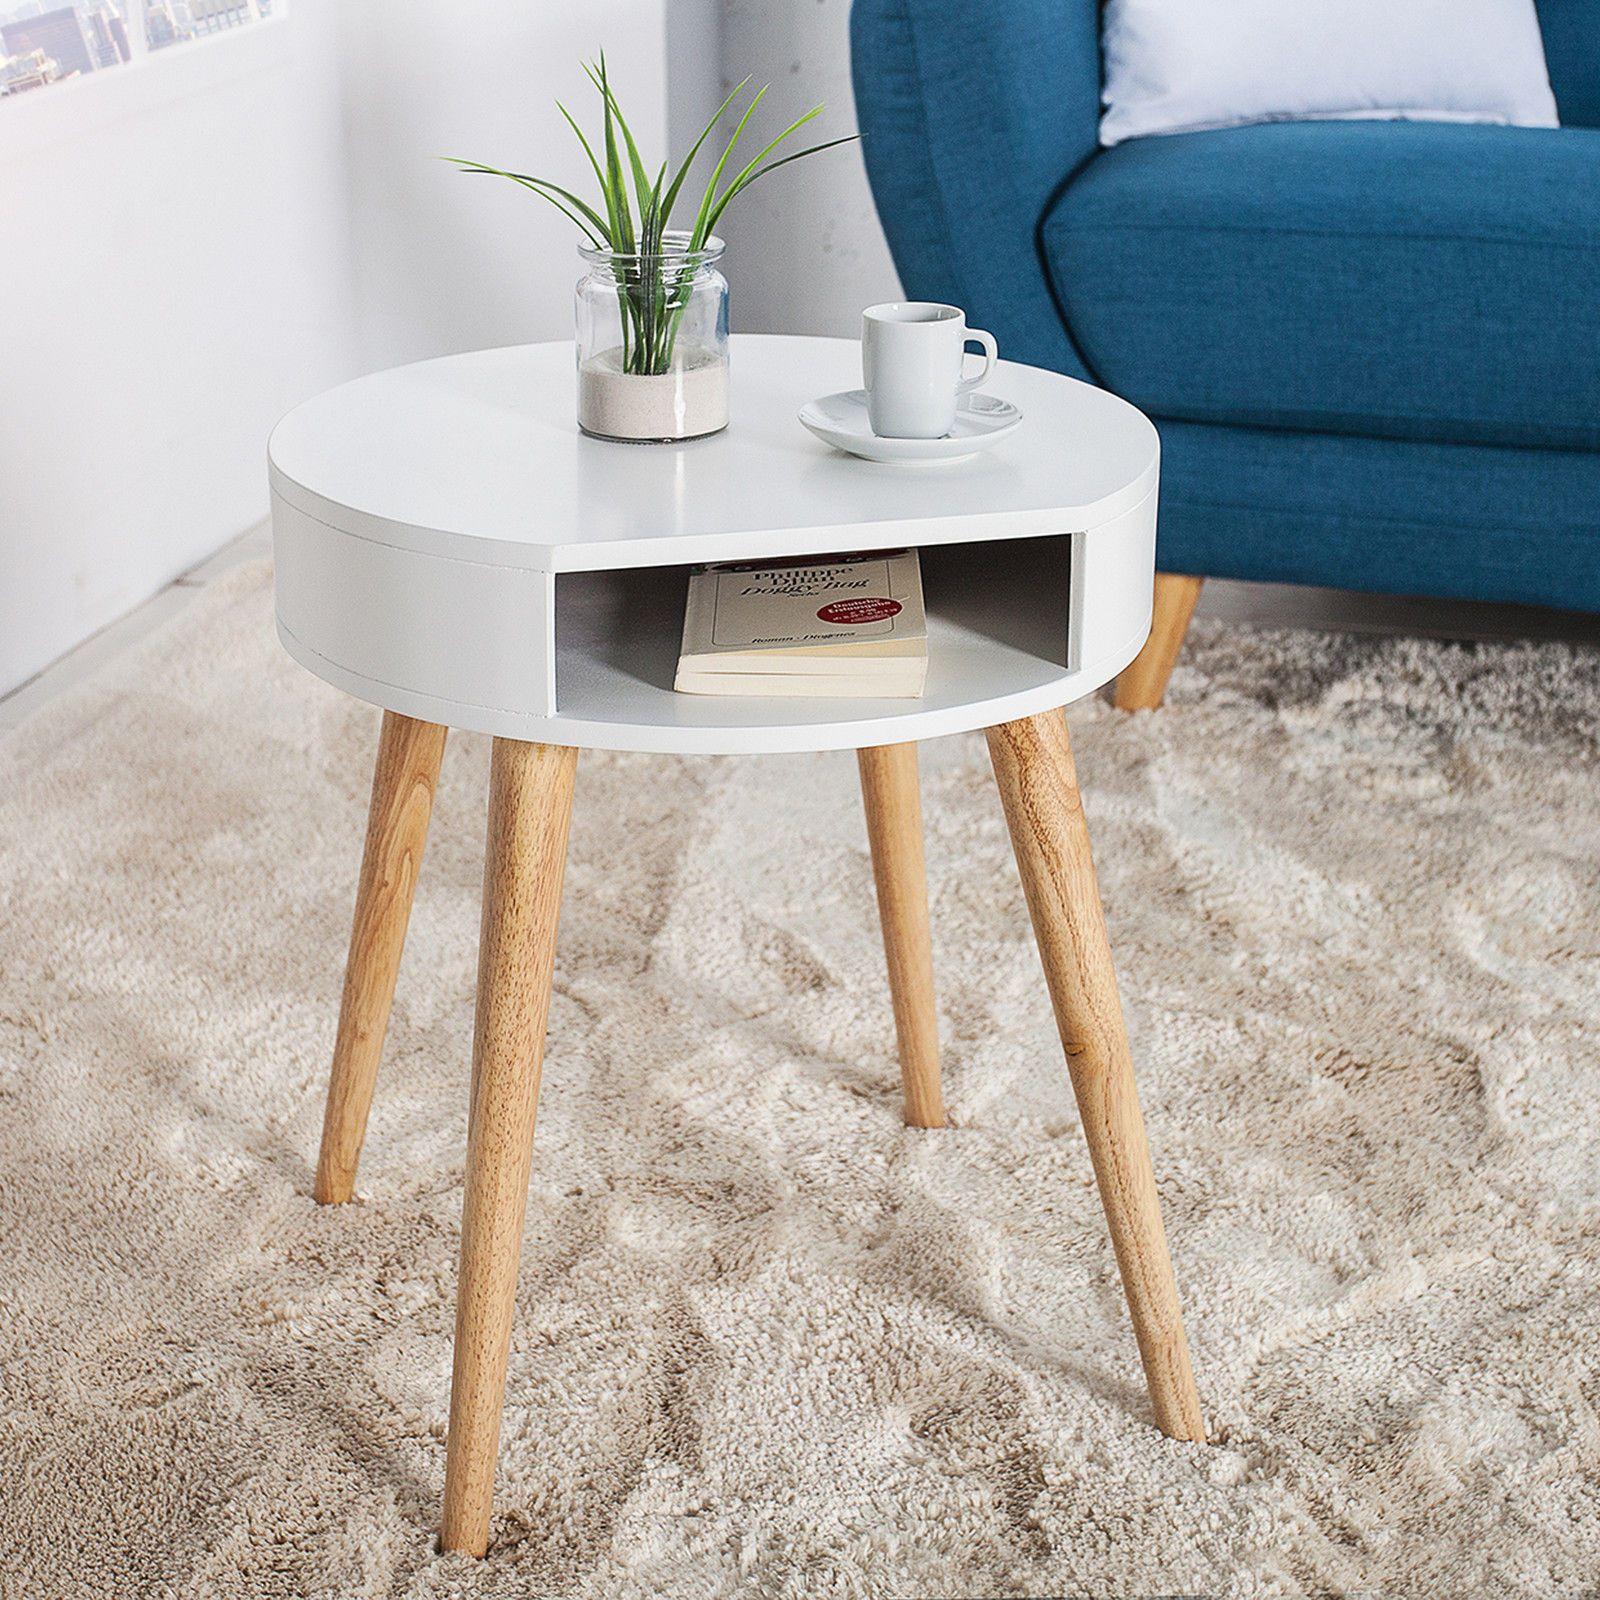 Retro Beistelltisch Scandinavia Weiss Eiche Nachttisch Tisch Holztisch Mit Fach For Sale Eur 59 95 See Photo Design Tisch Design Beistelltisch Beistelltisch